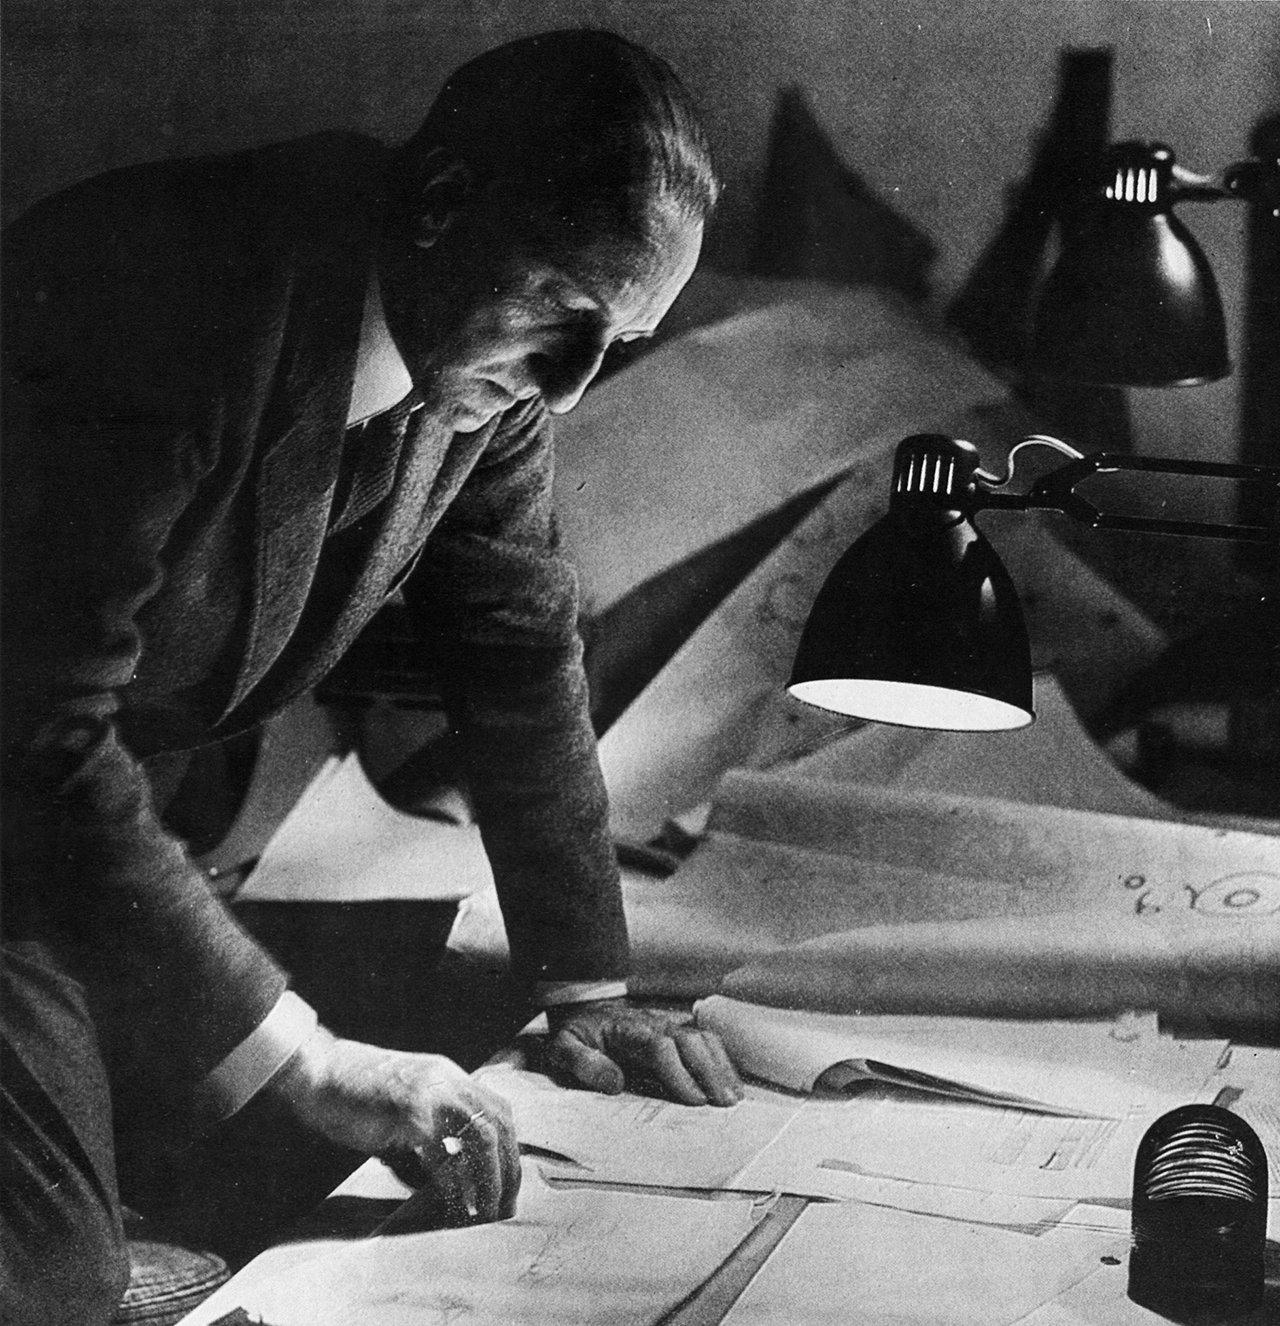 Francisco Javier Sáenz de Oíza en su estudio. No te mueras sin ir a Ronchamp (Sáenz de Oíza)